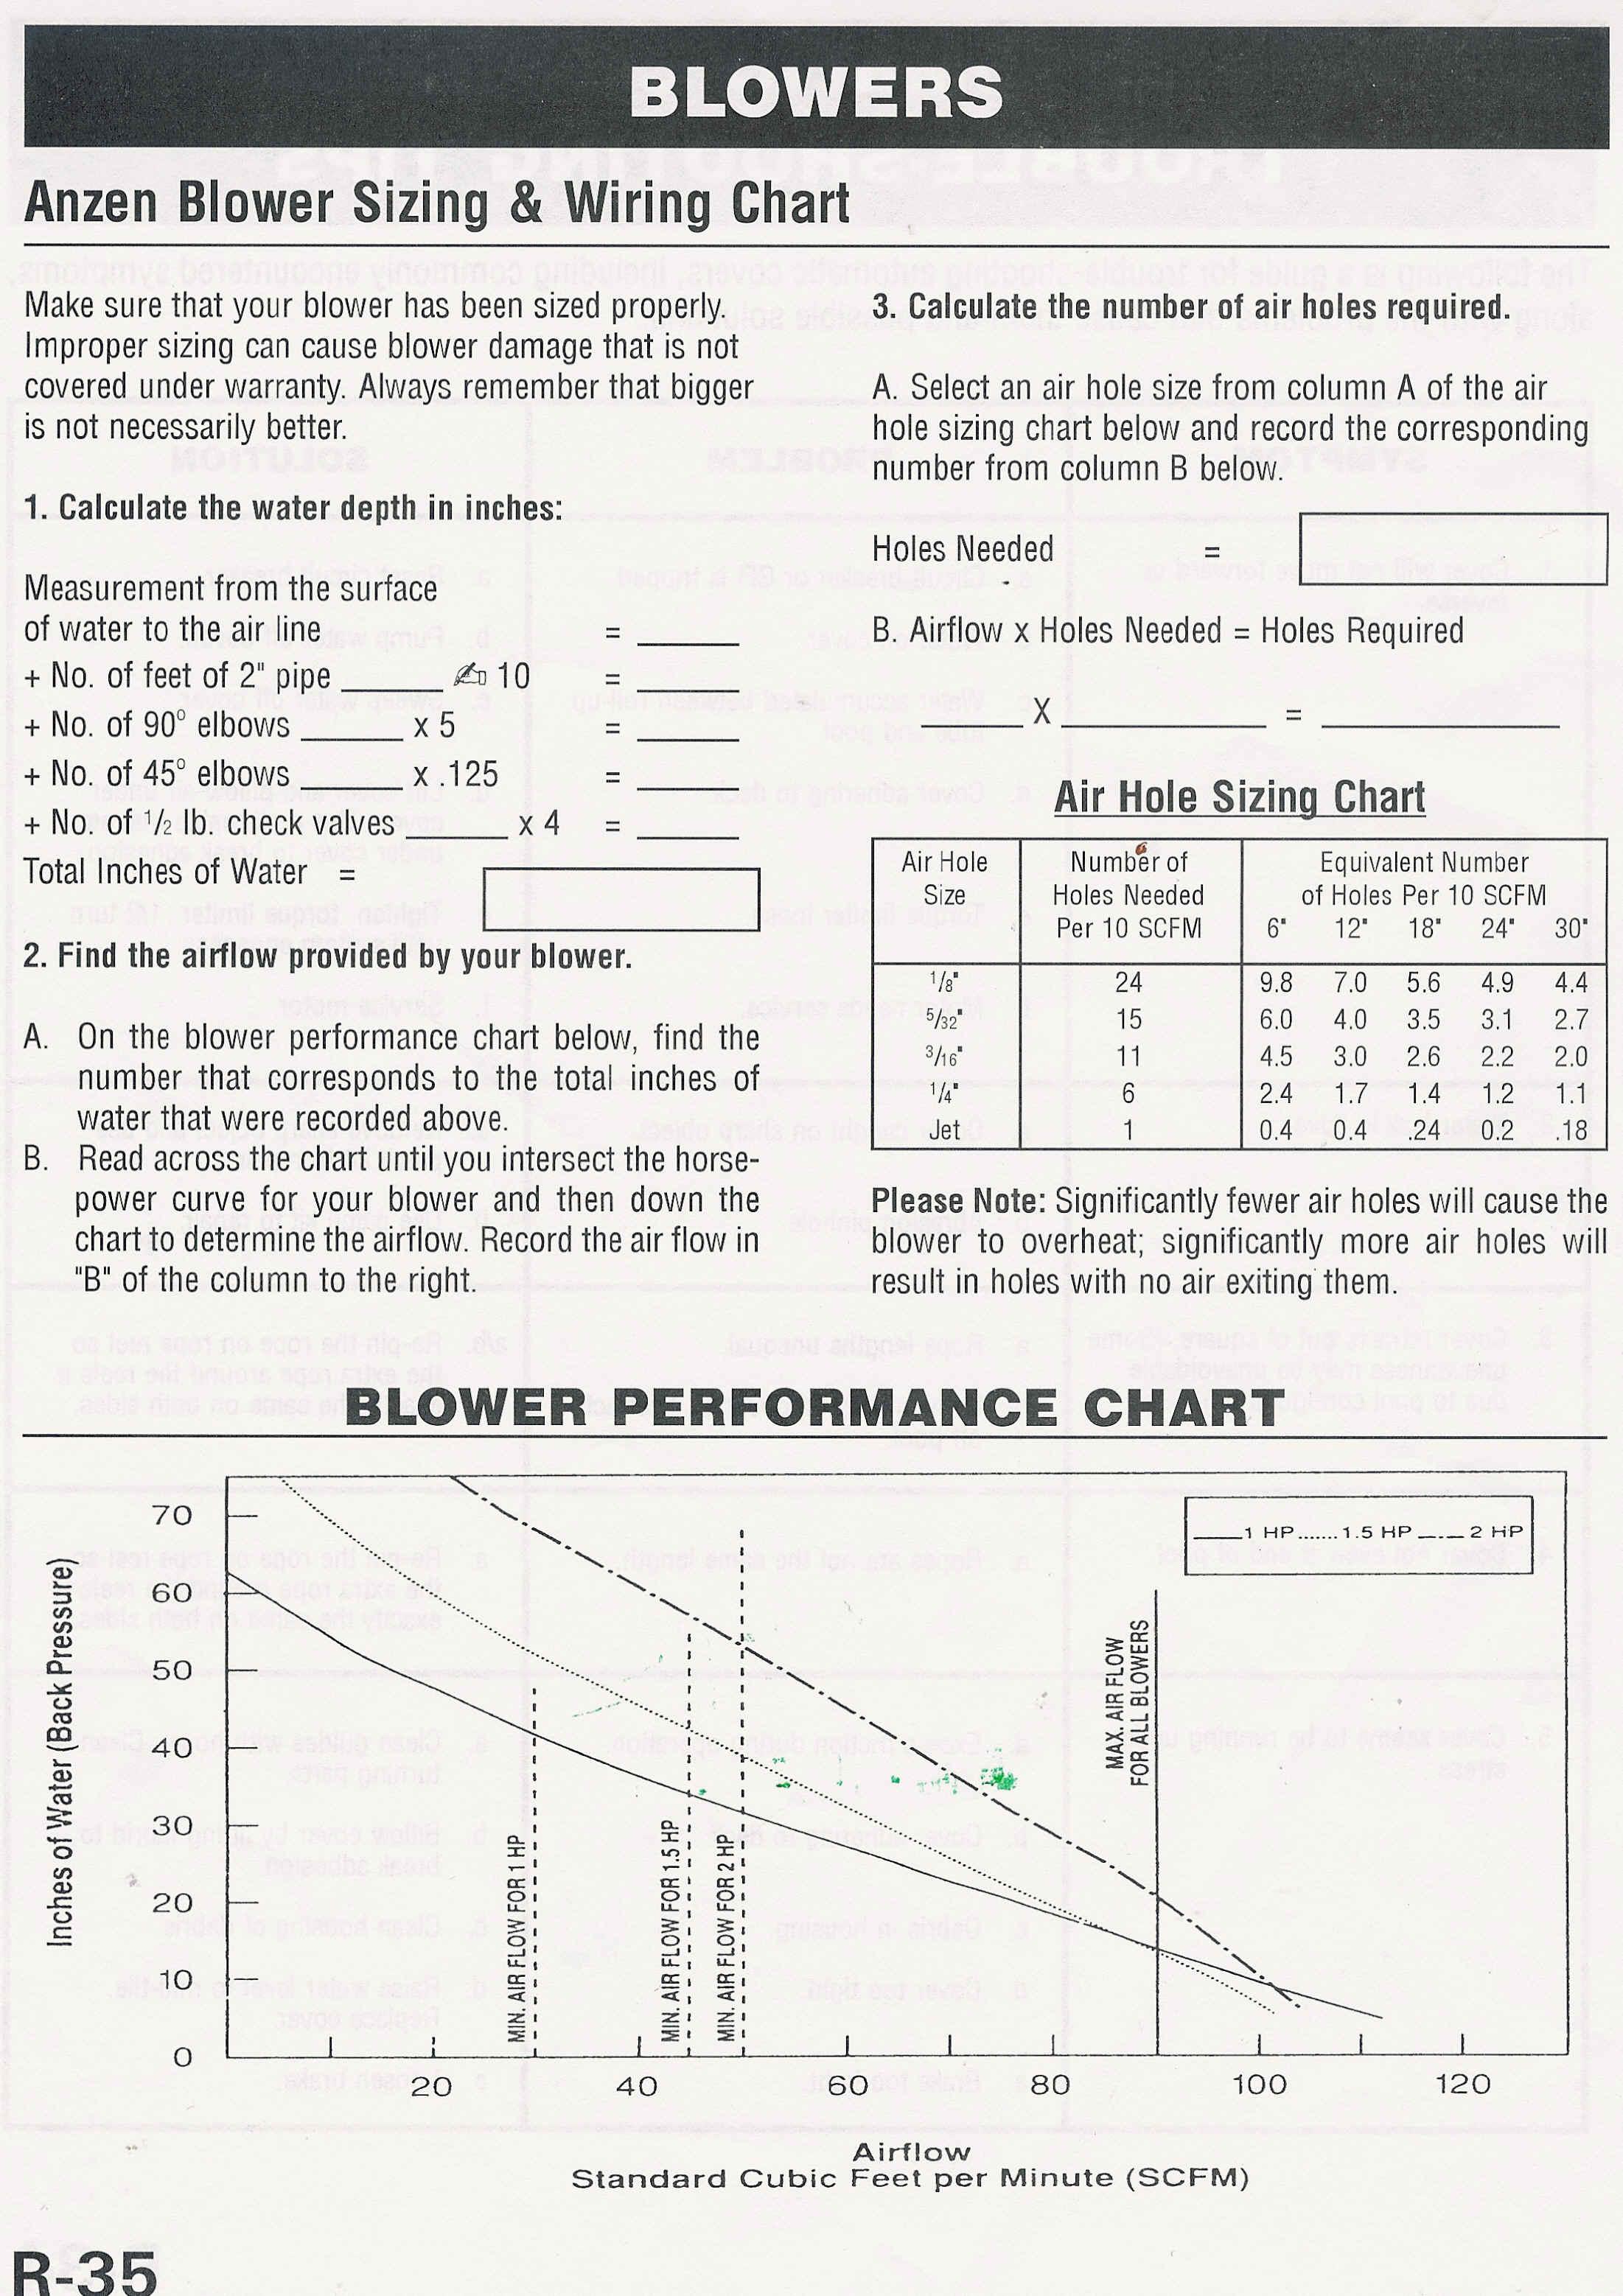 Heat Pump Diagrams Amp Sizing Charts Poolheatpumps Com